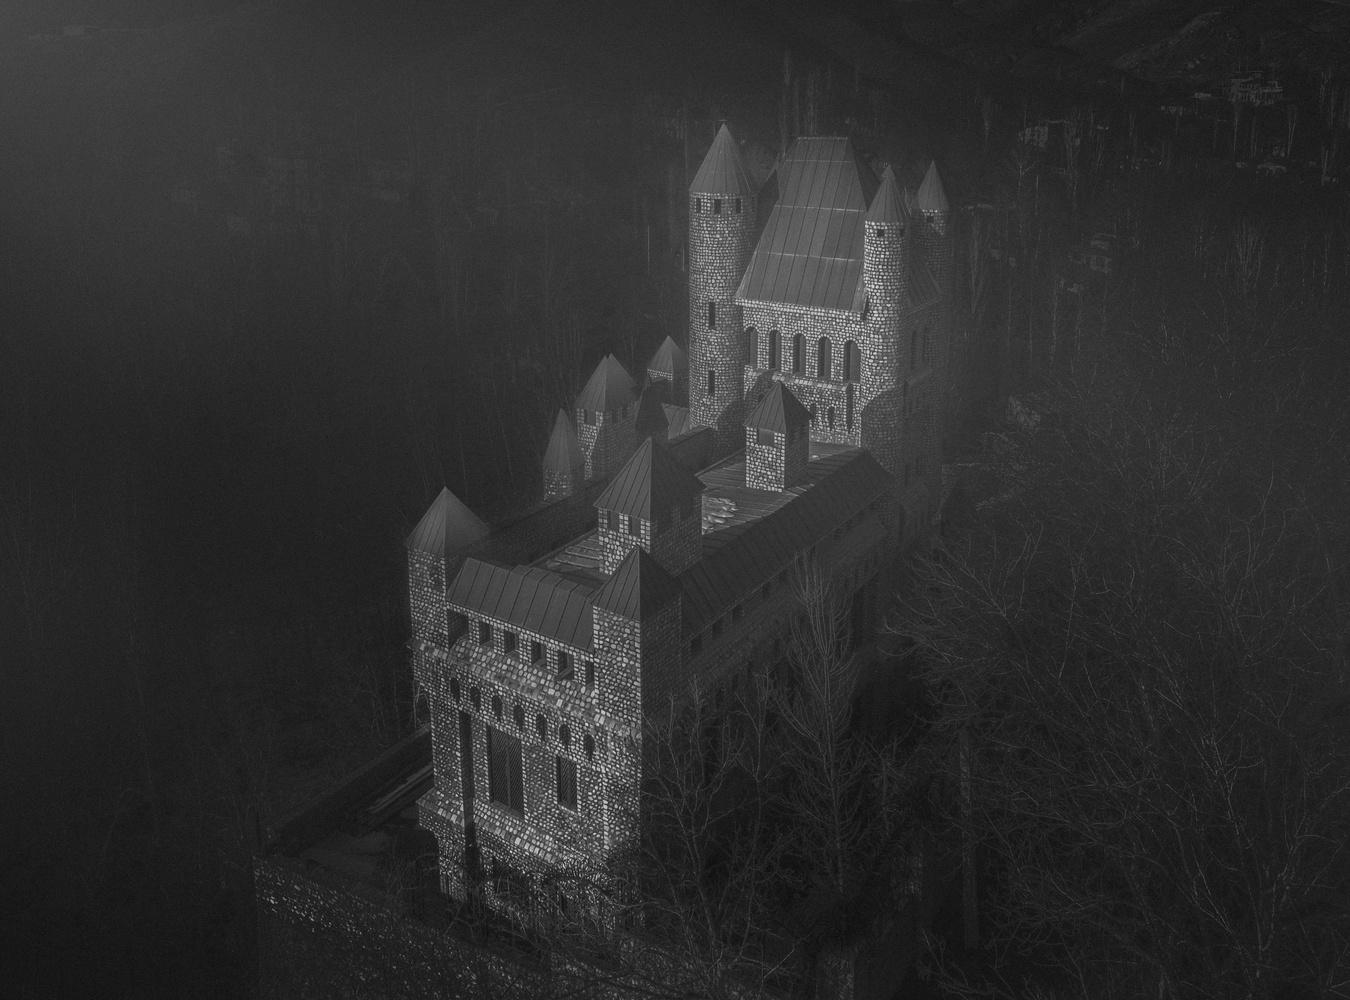 Alashy castle by Amirhossein Naghian